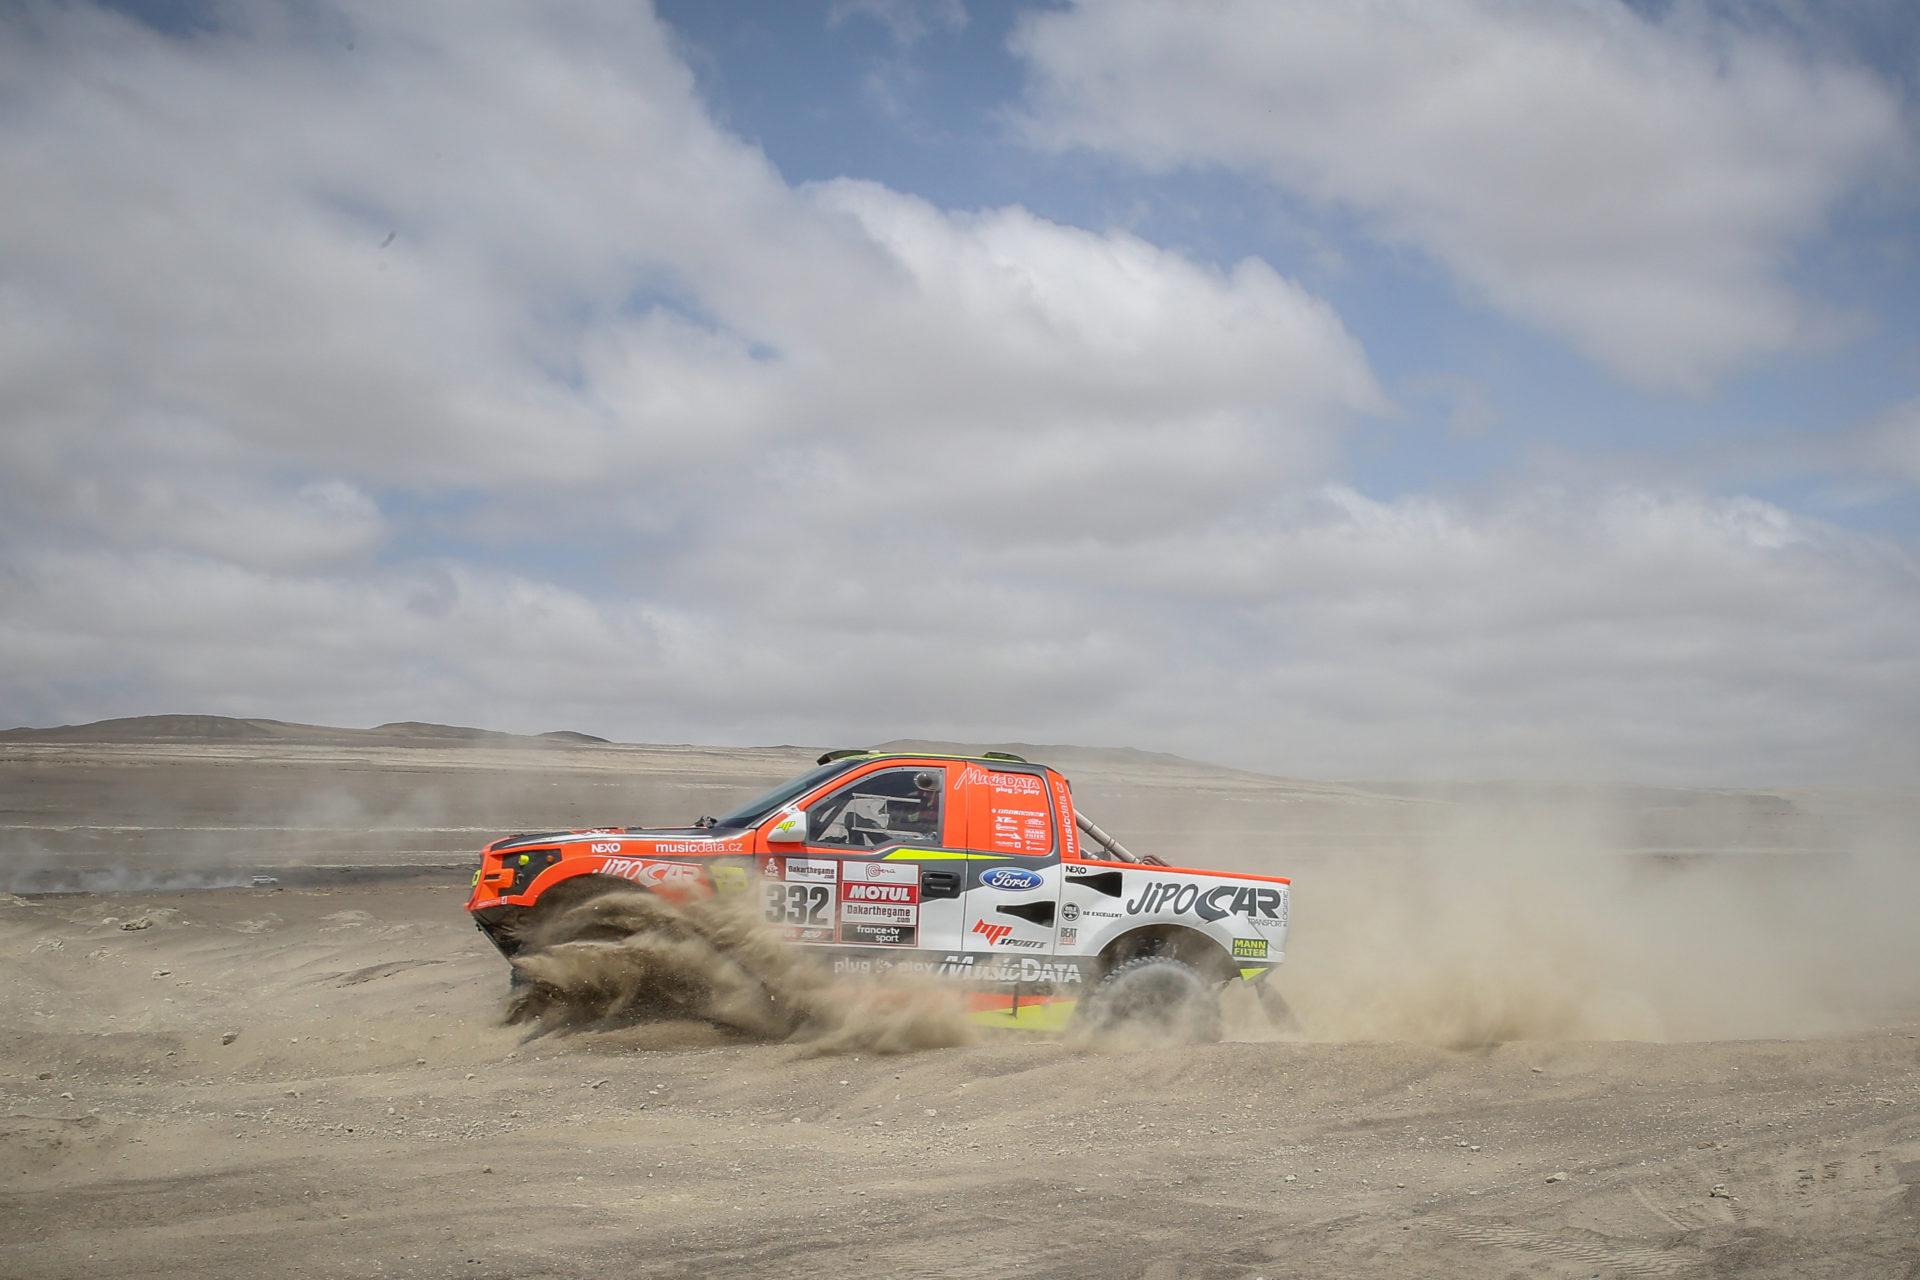 Tomáš Ouředníček, Dakar 2019